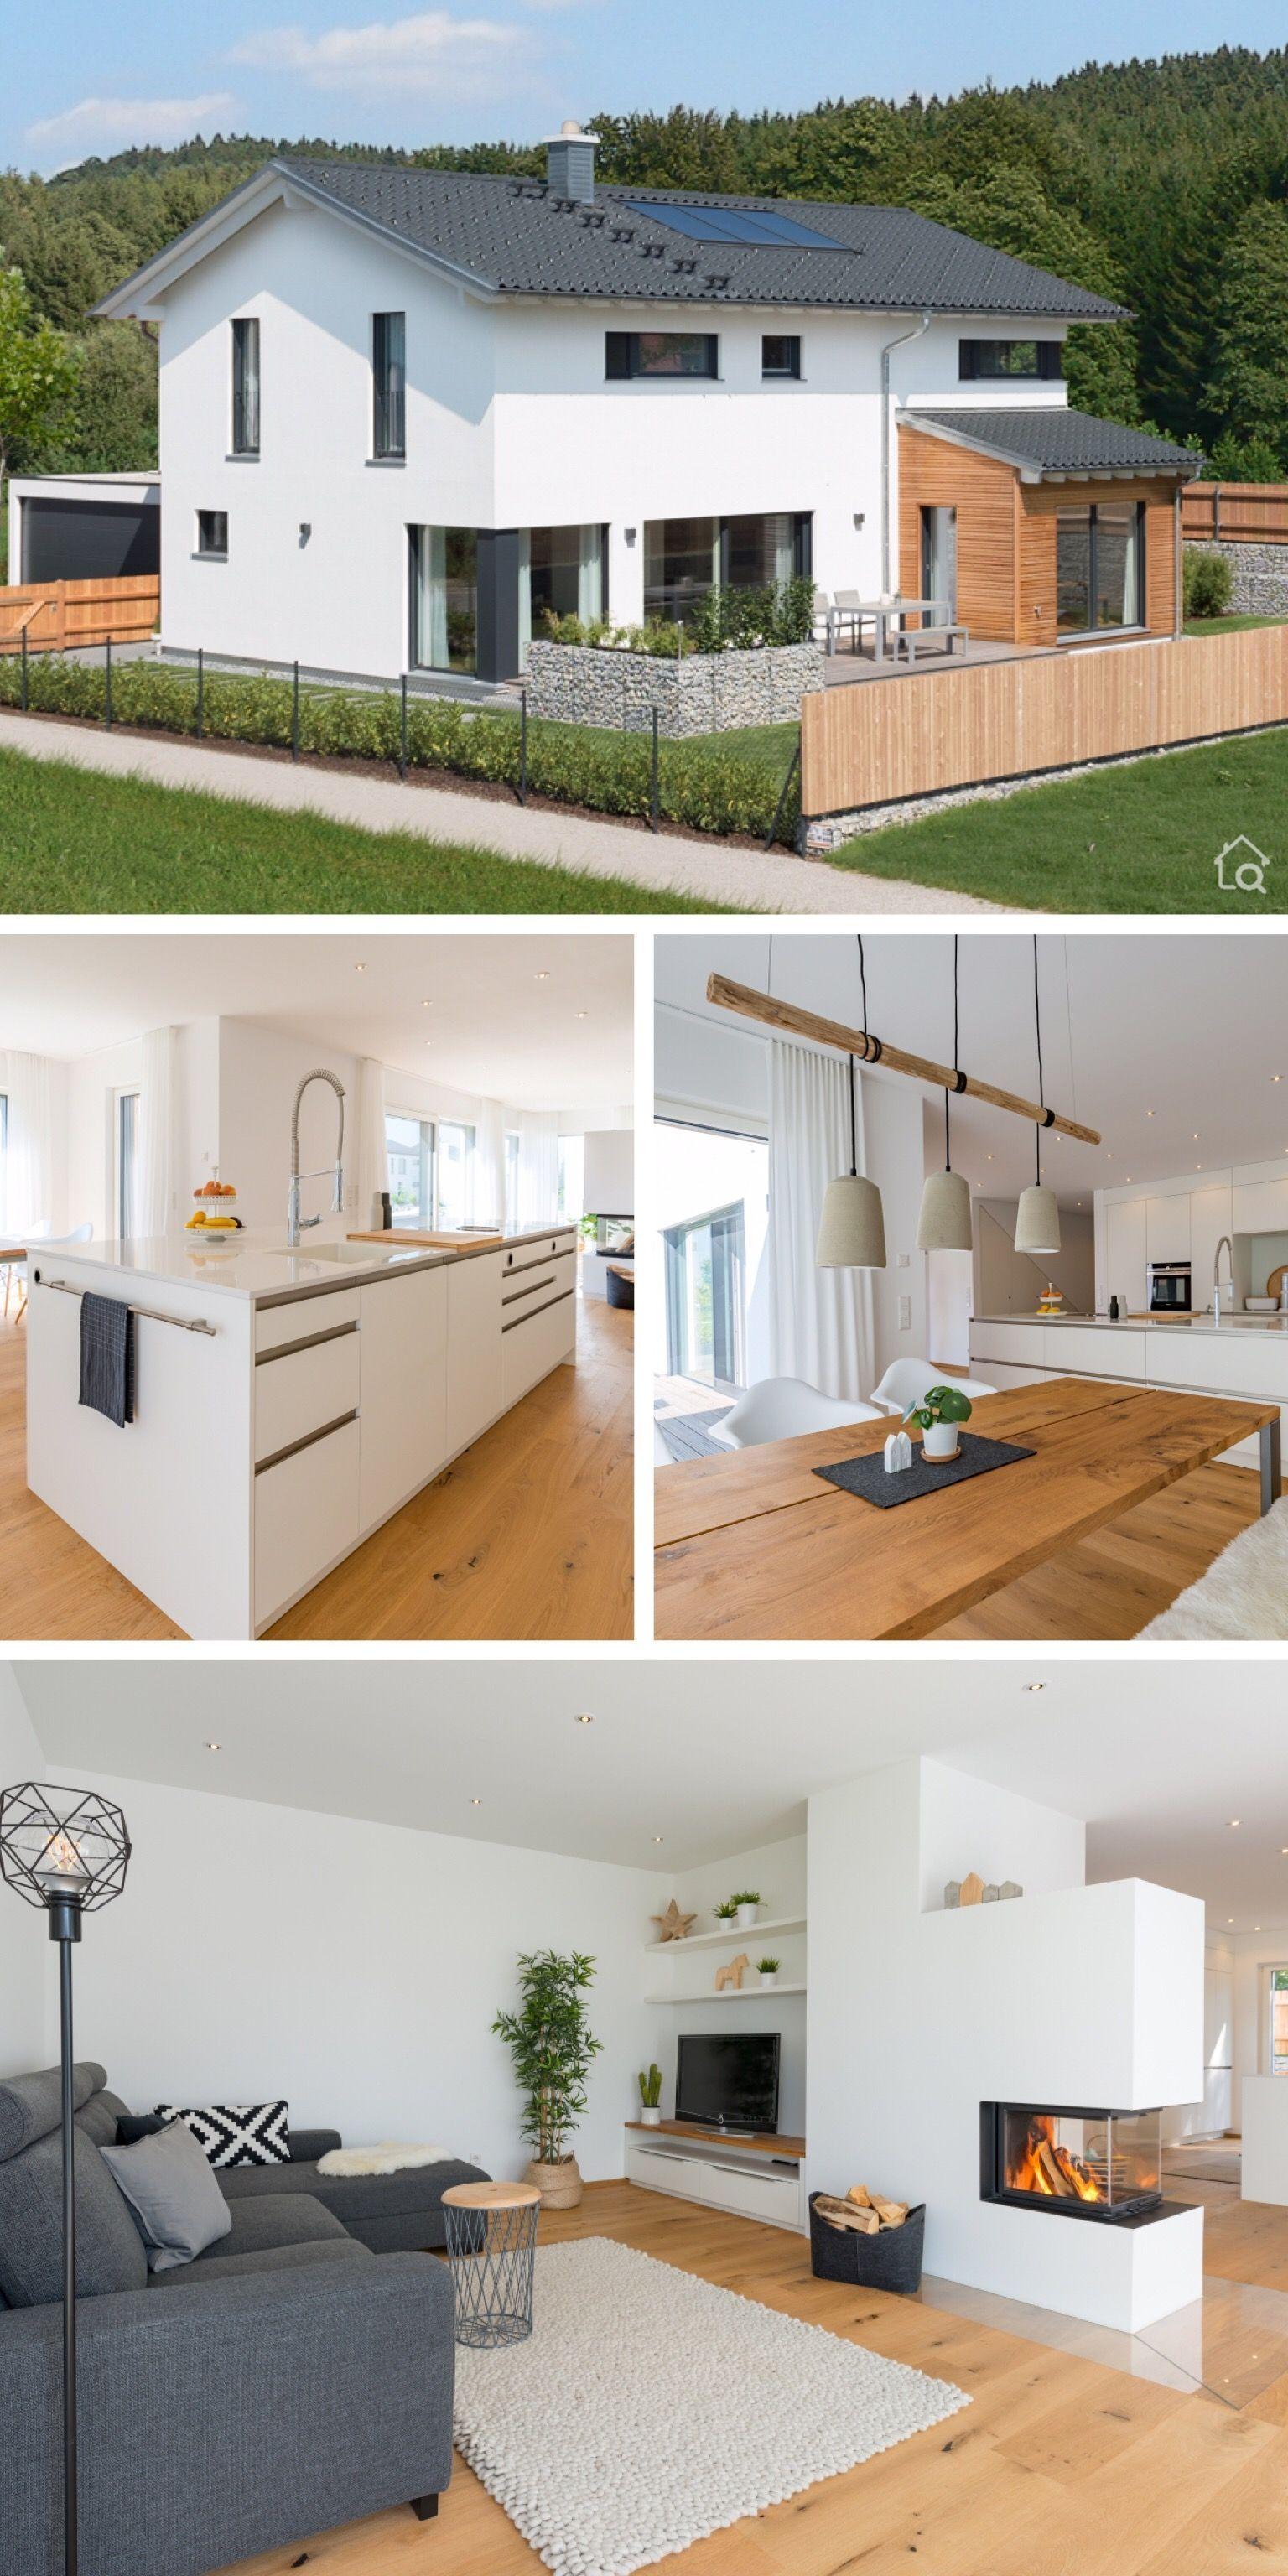 Modernes Landhaus Mit Holz Putz Fassade Satteldach Architektur Grundriss Offe Ev Zemin Planlari Modern Mimari Ev Mimarisi